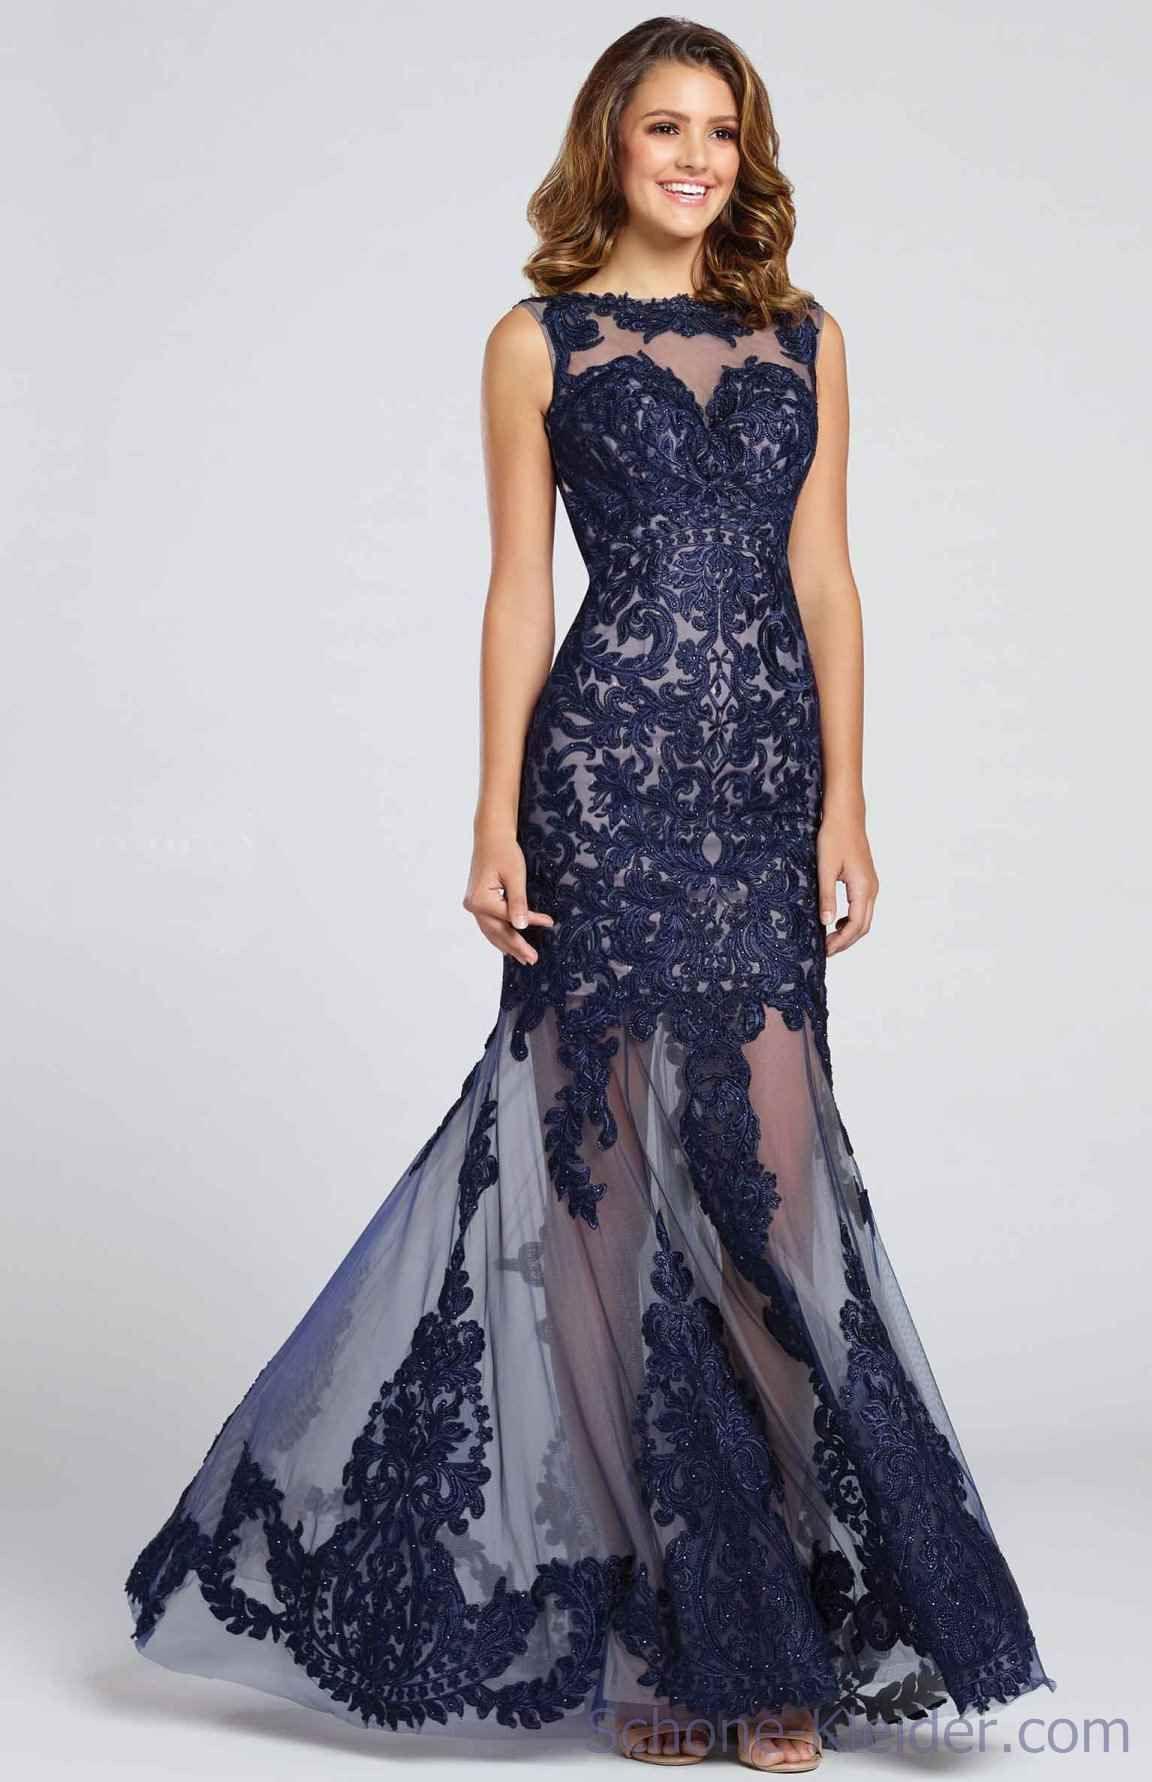 13 Elegant Elegante Abendkleider Stylish Einfach Elegante Abendkleider Boutique